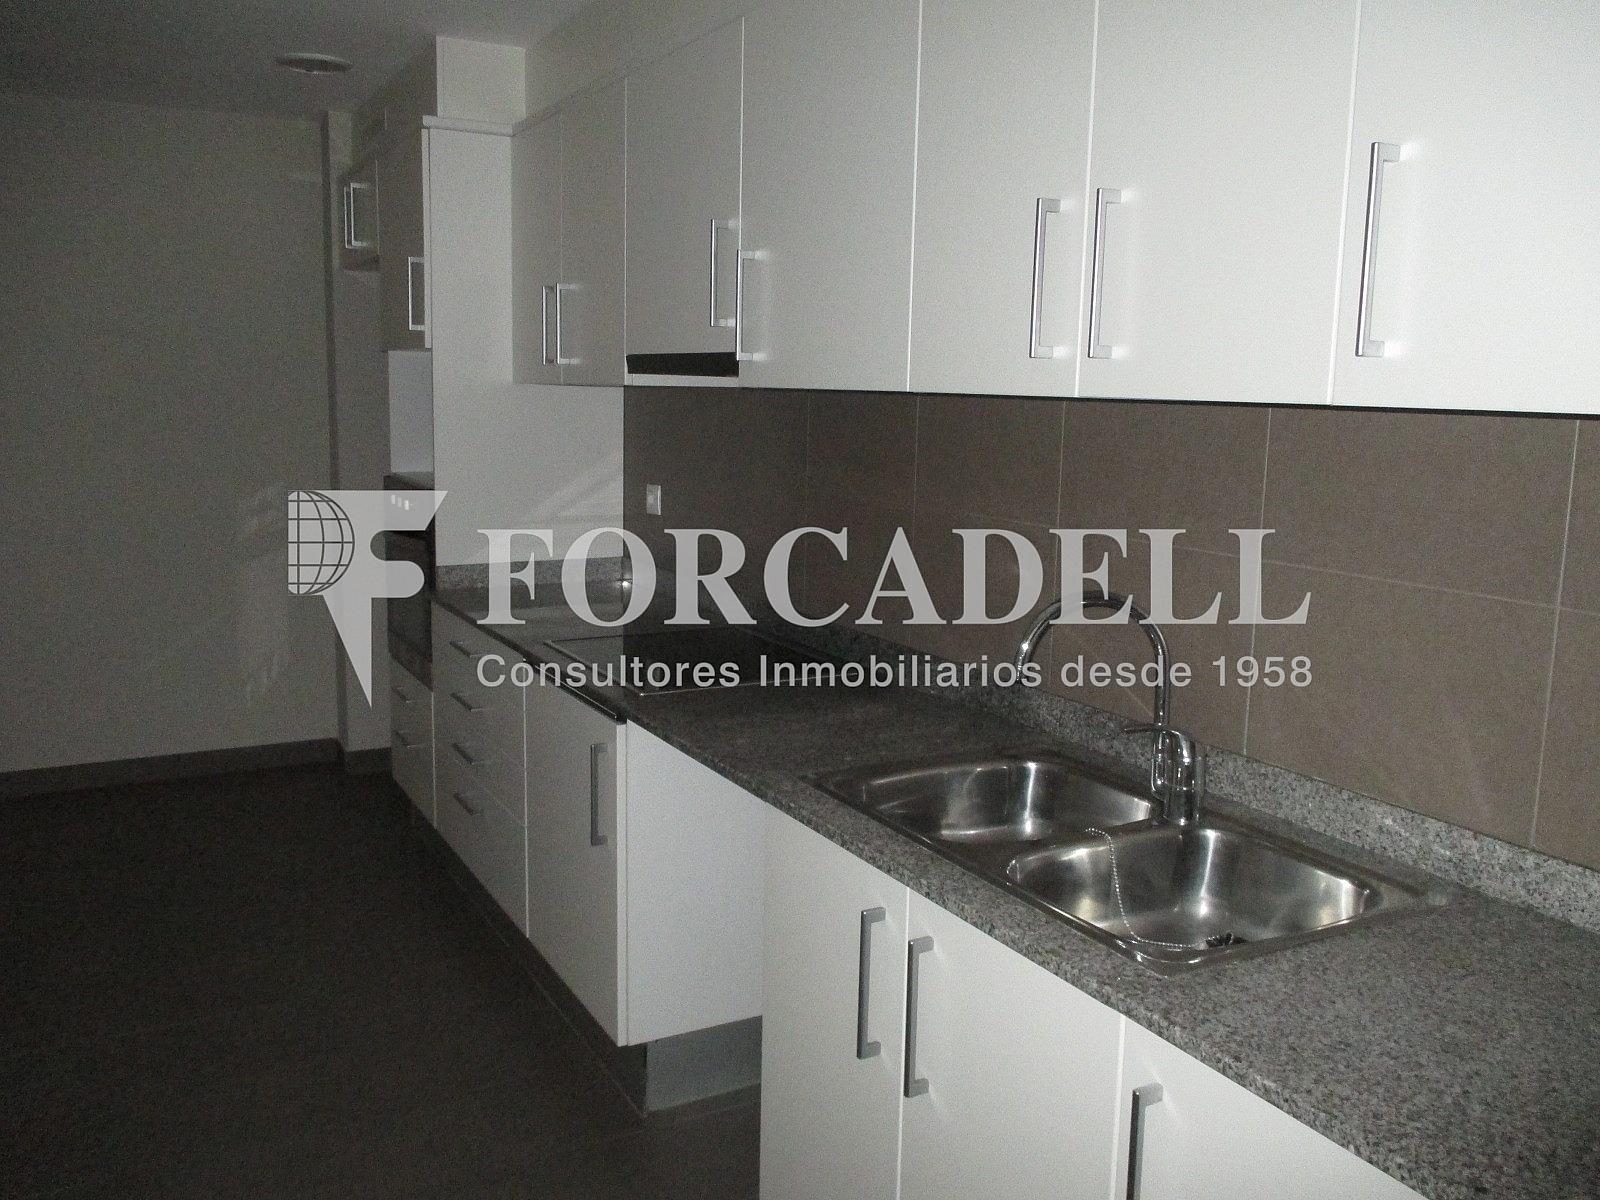 IMG_2673 - Piso en alquiler en calle Merce Rodoreda, Can clota en Esplugues de Llobregat - 331432059